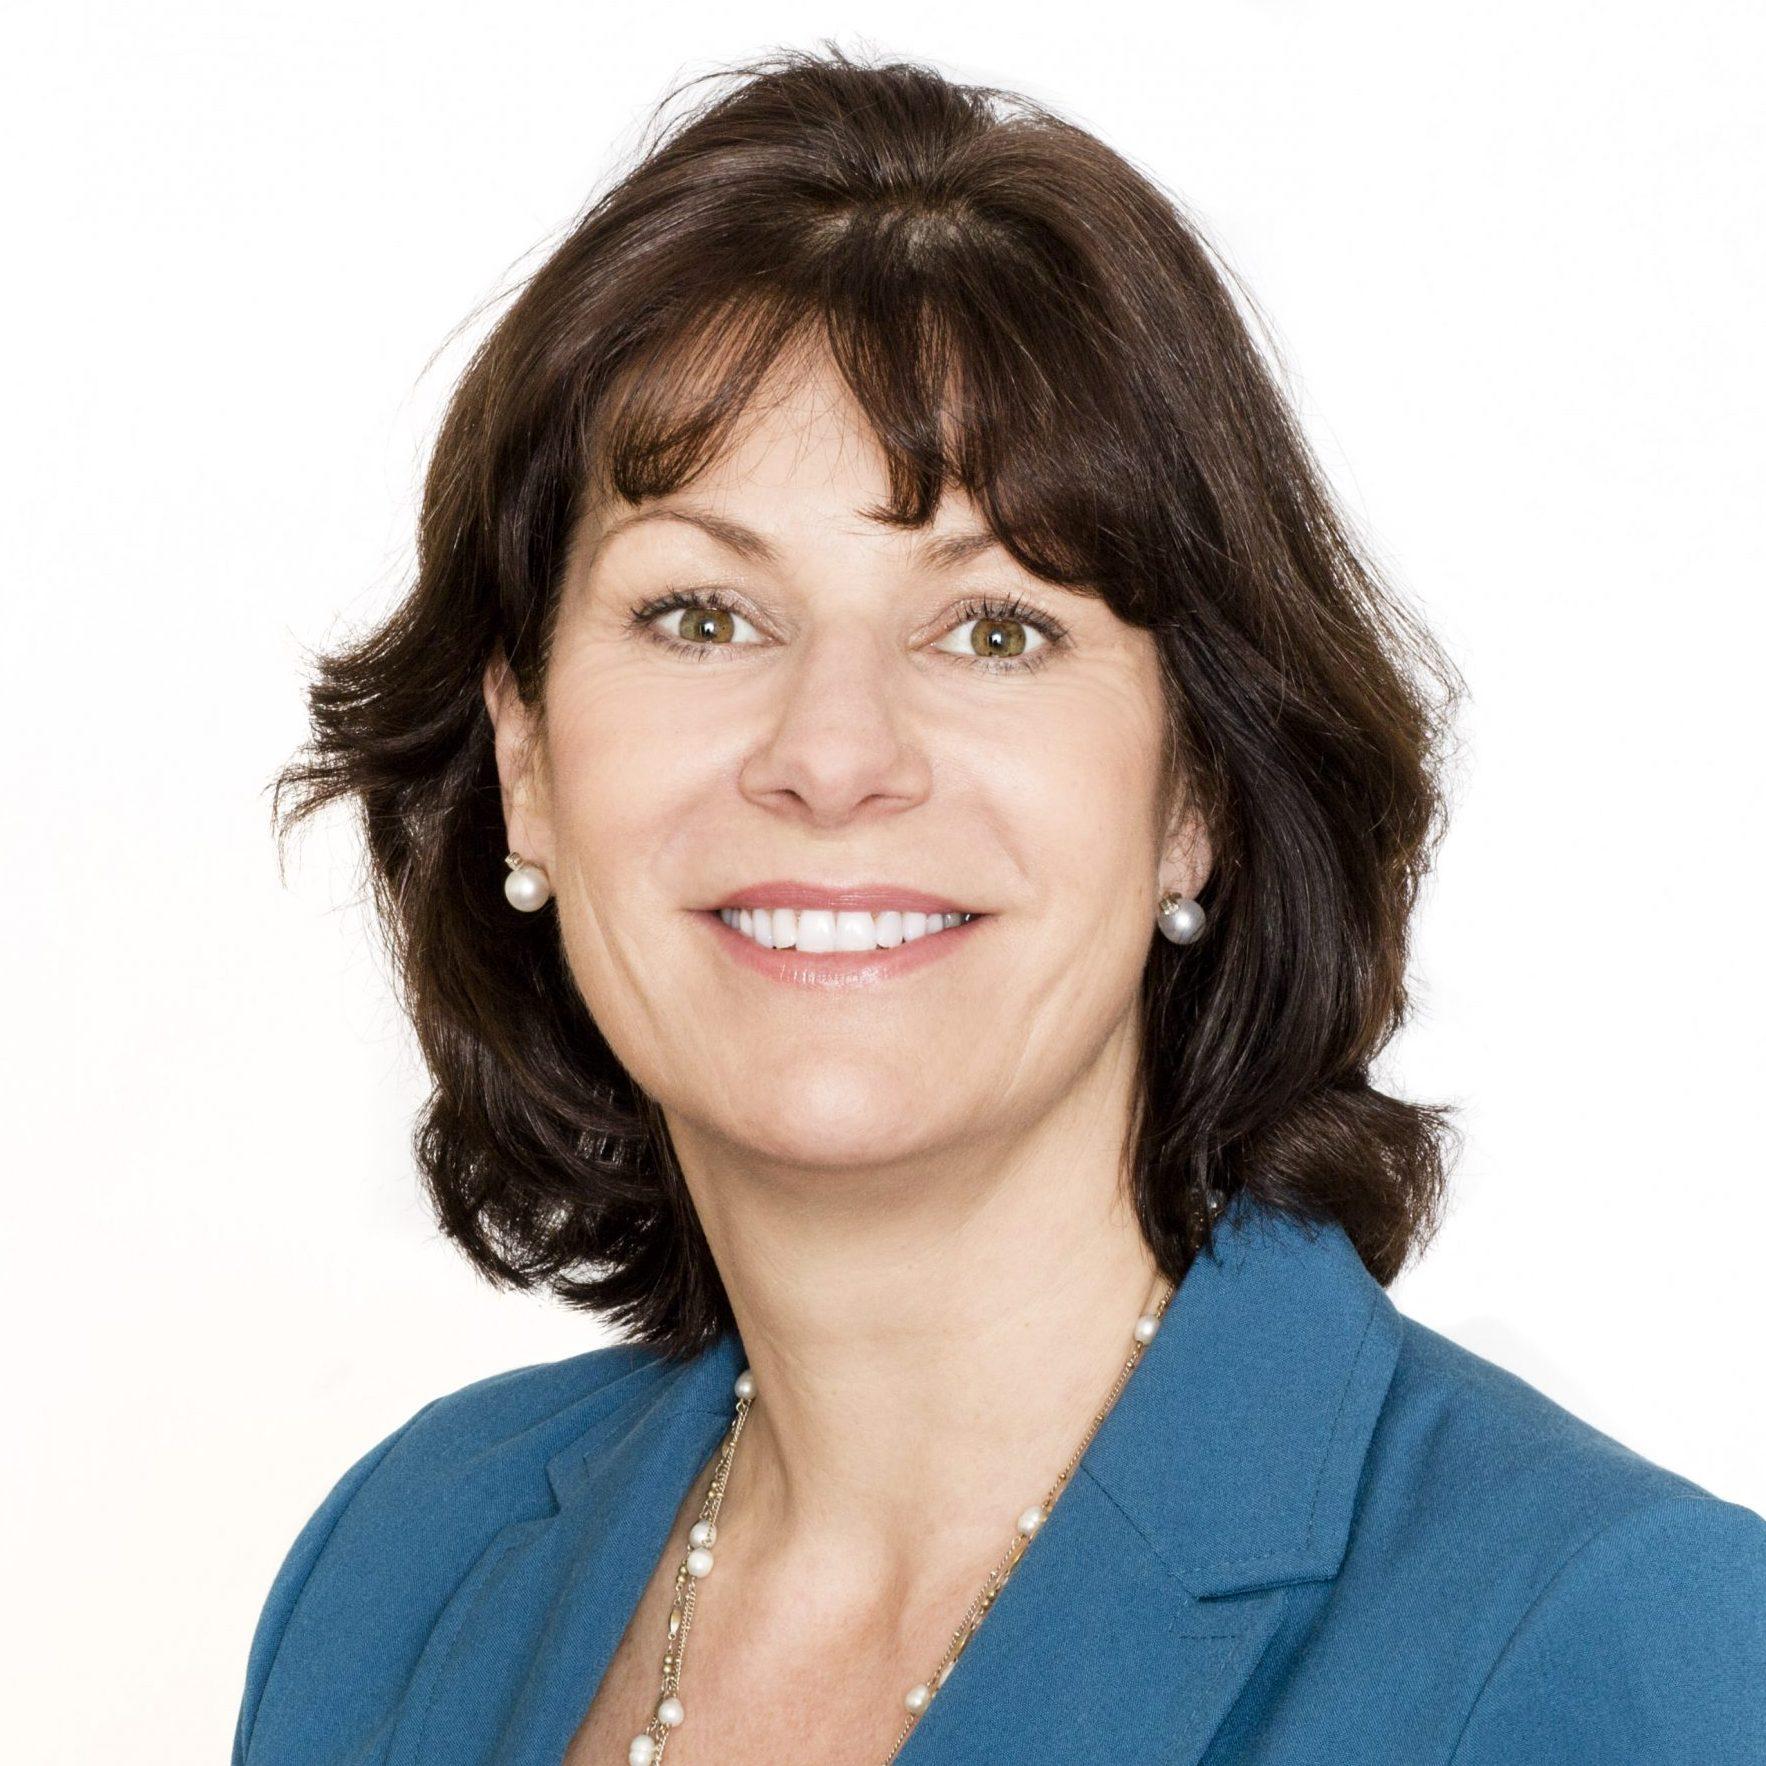 Claire O'Neil